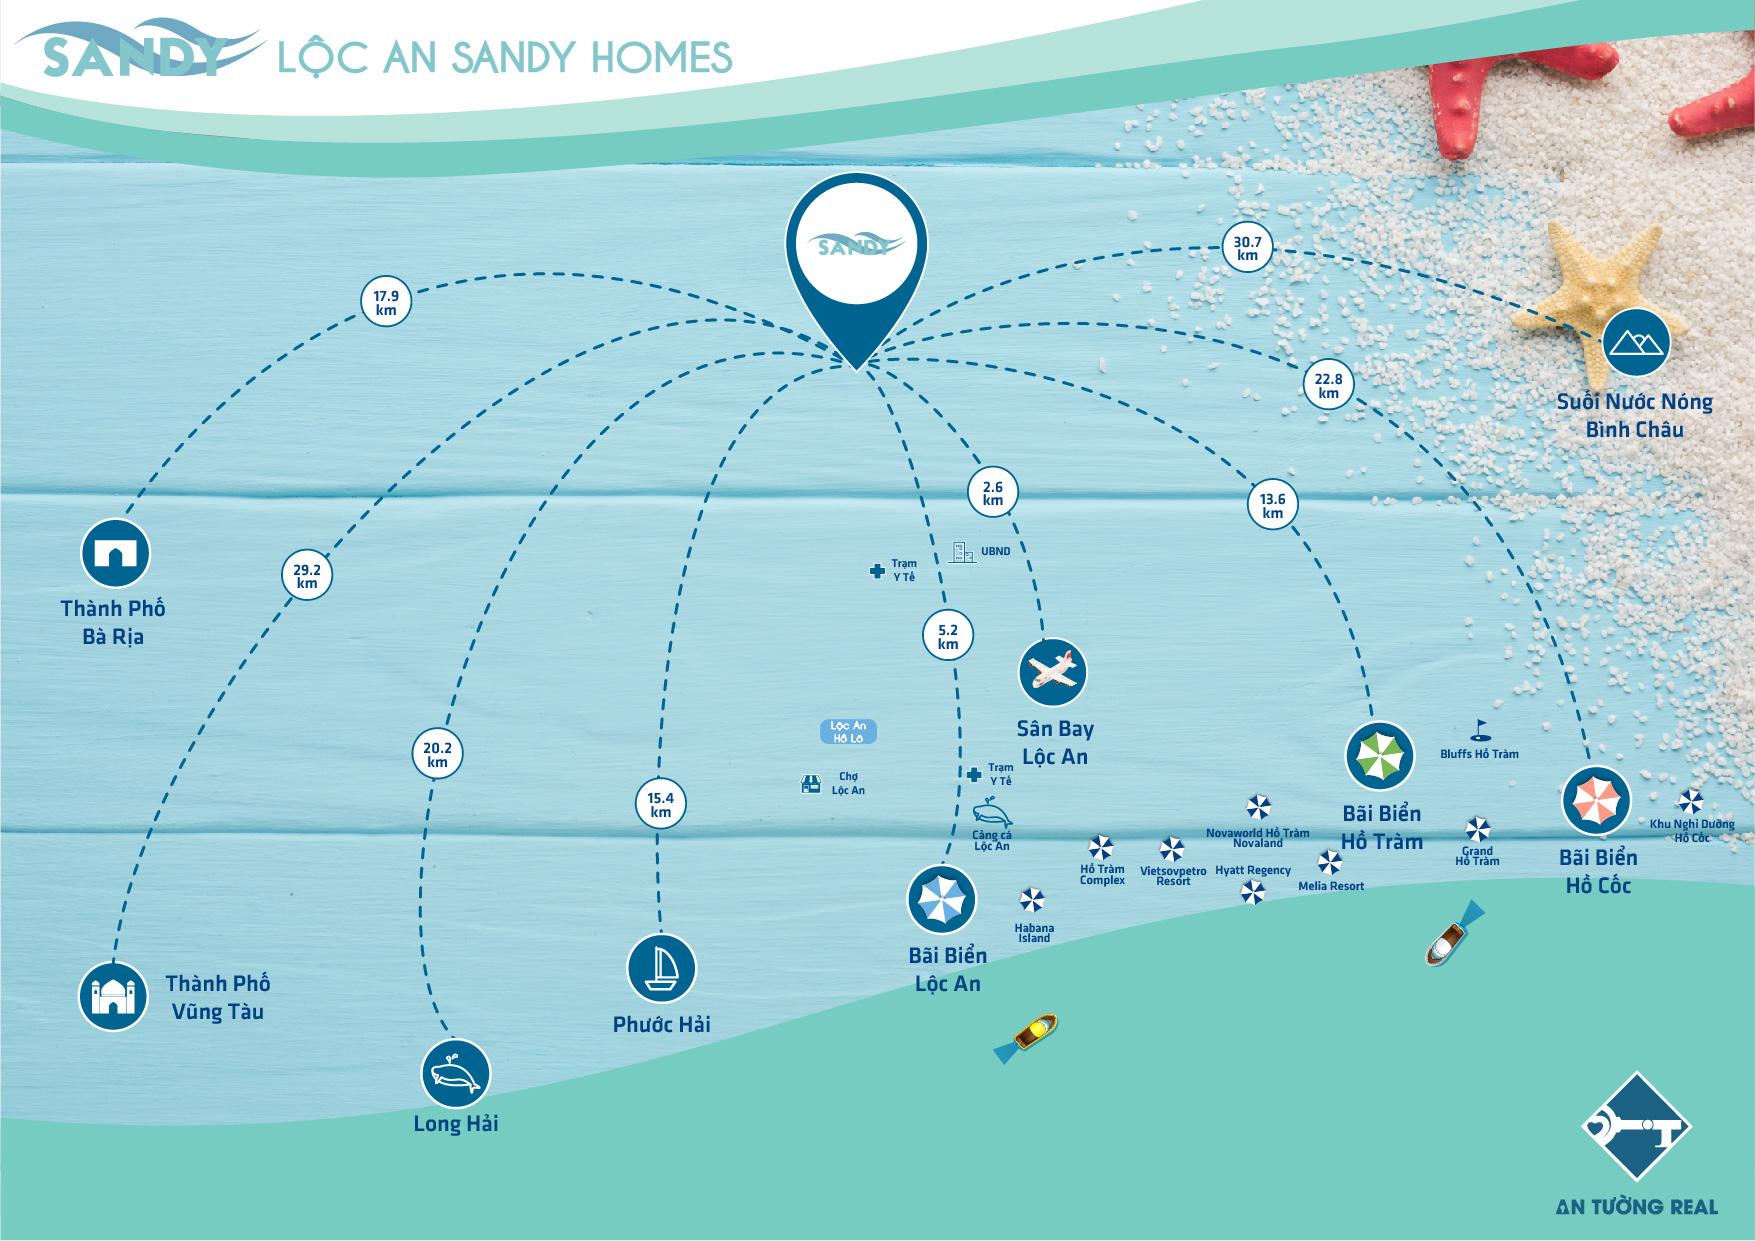 Tiện ích ngoại khu Lộc An Sandy Homes